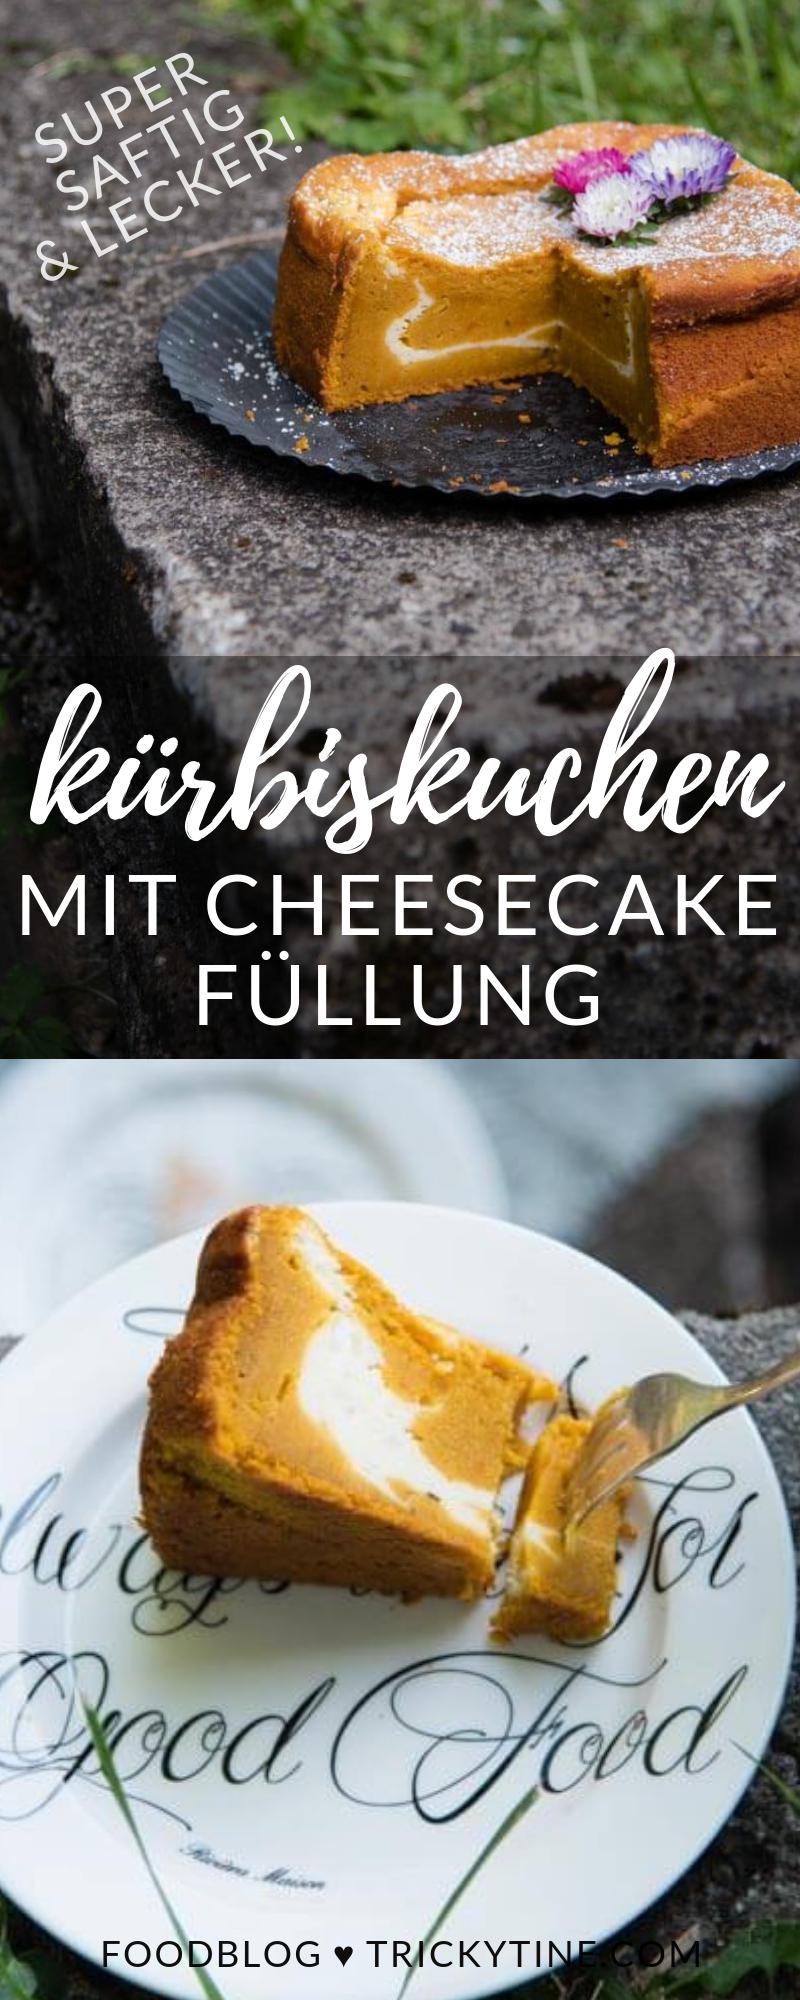 kuerbiskuchen cheesecake trickytine